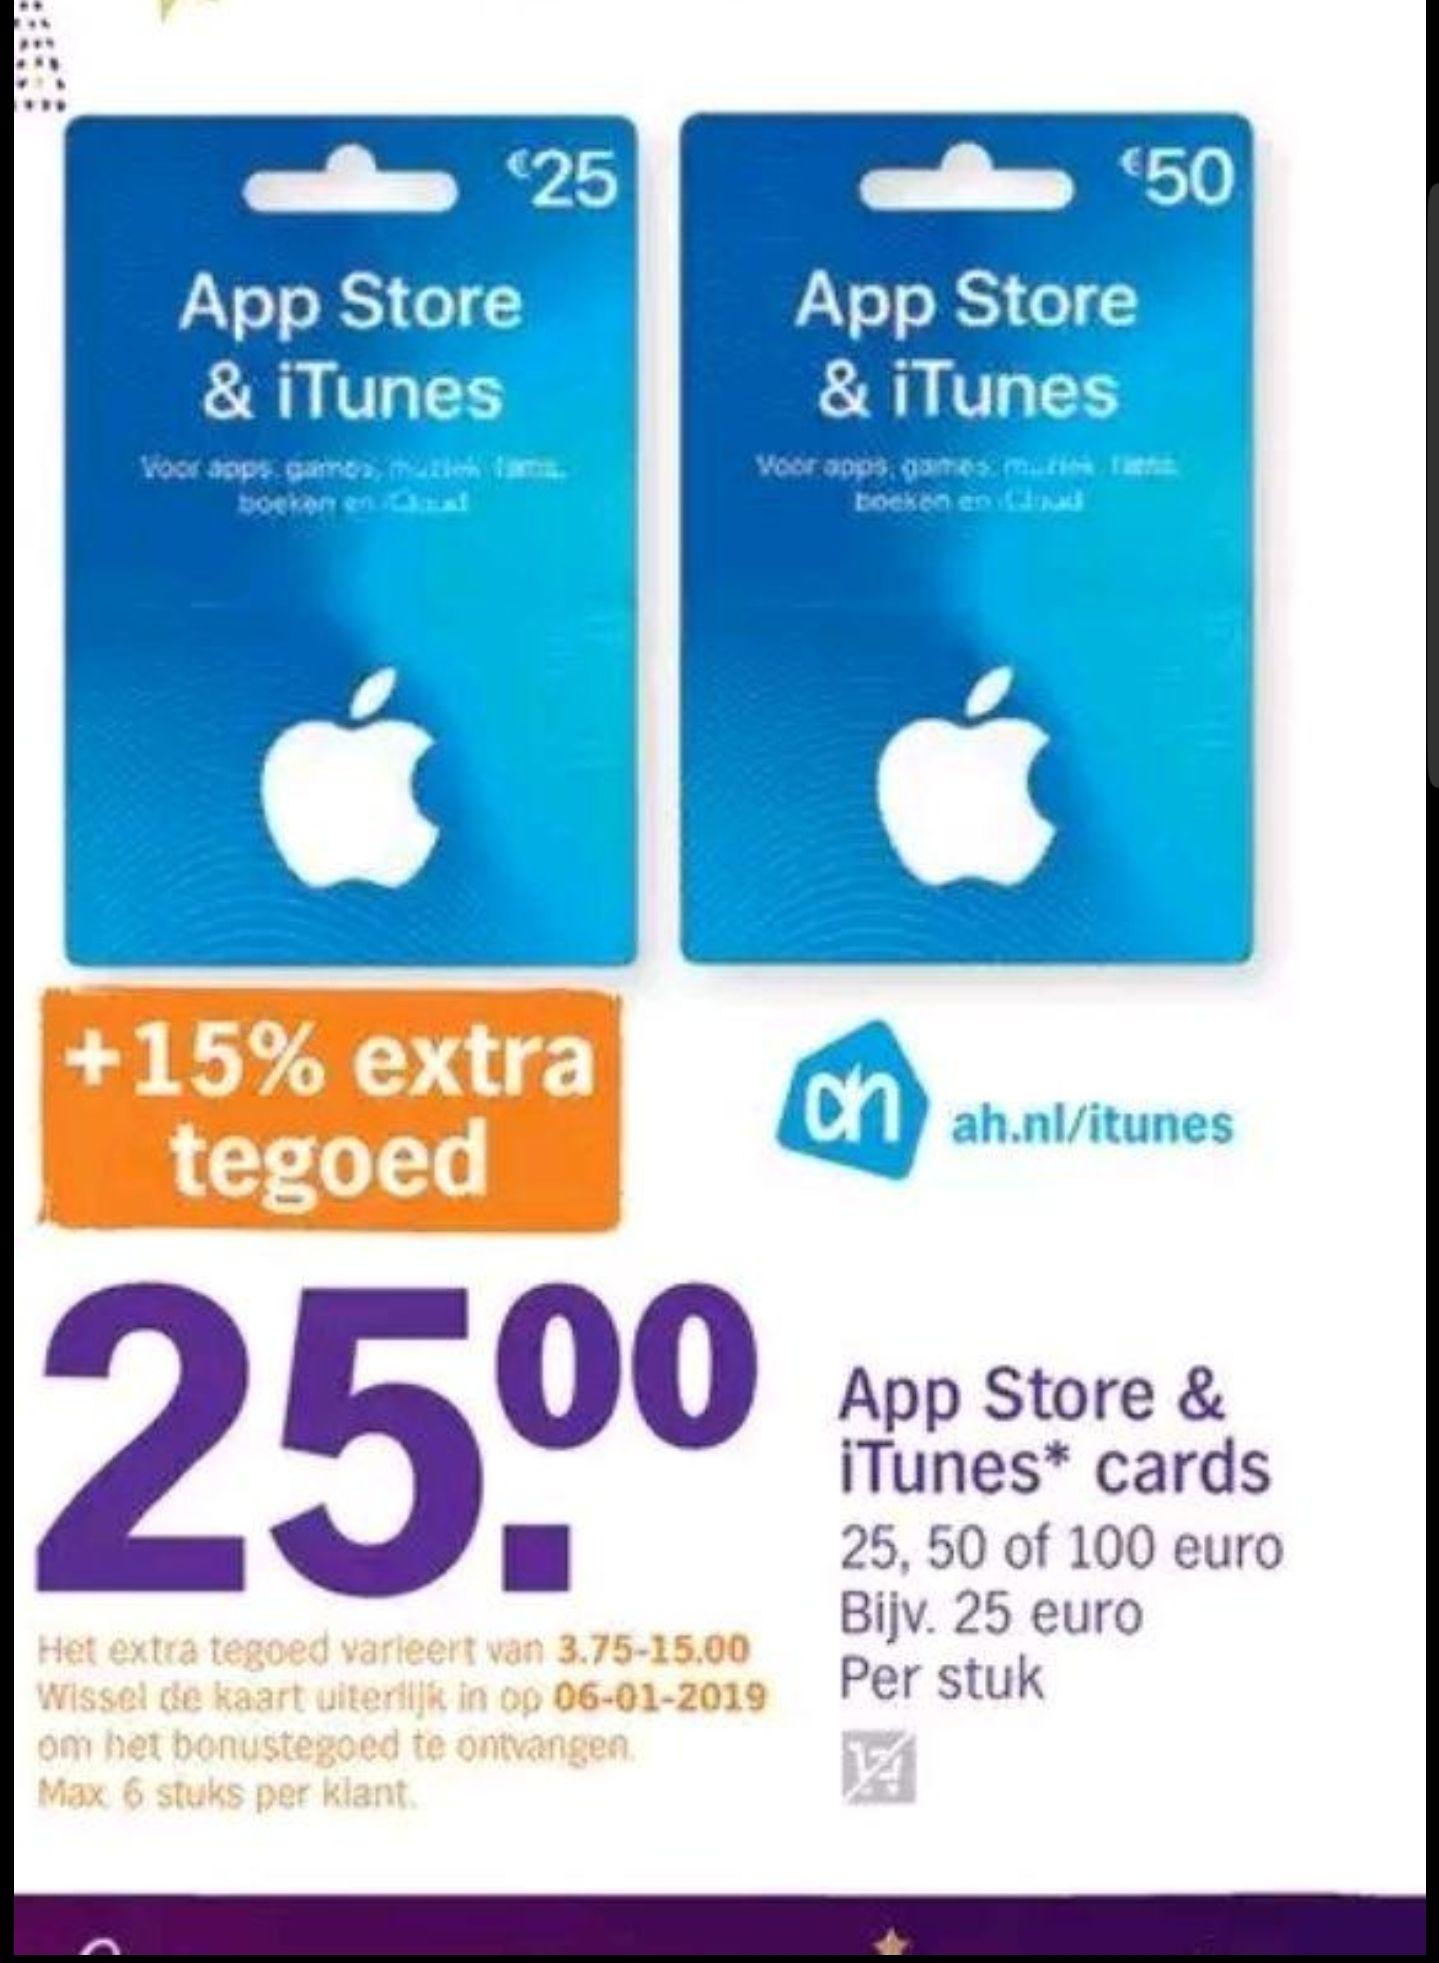 15% extra tegoed Appstore & ITunes kaart bij AH